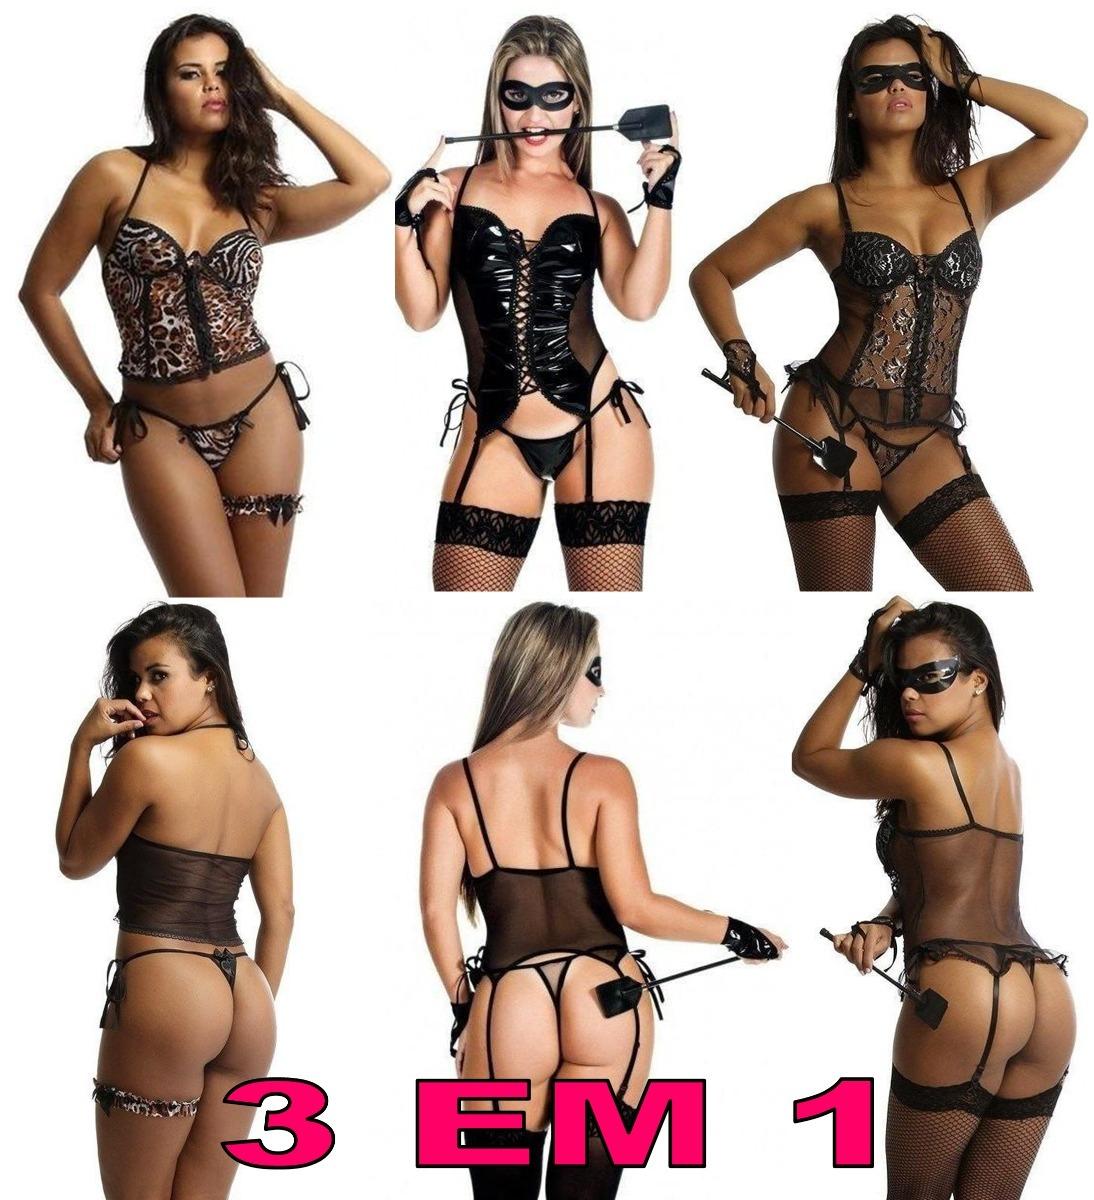 834e3235a espartillho erotico atacado kit com 3 fantasias eroticas. Carregando zoom.